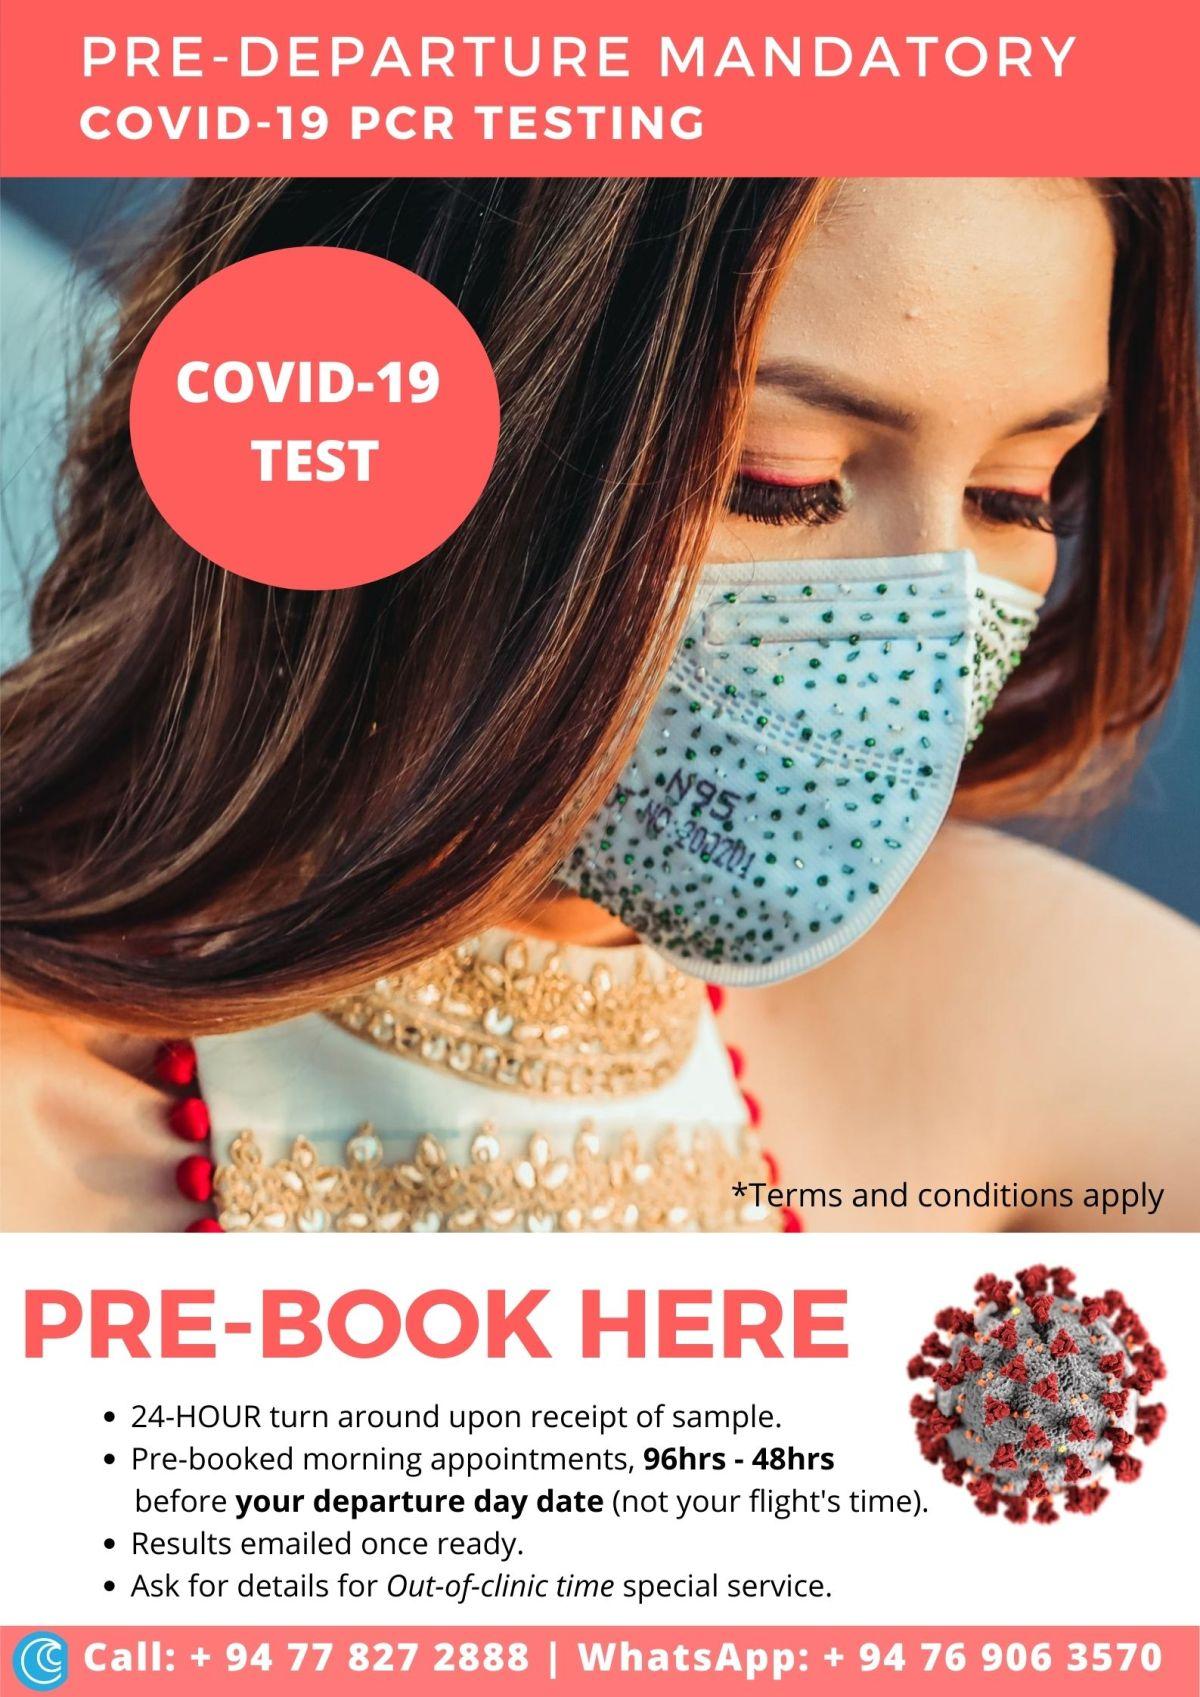 Covid 19 test pre departure